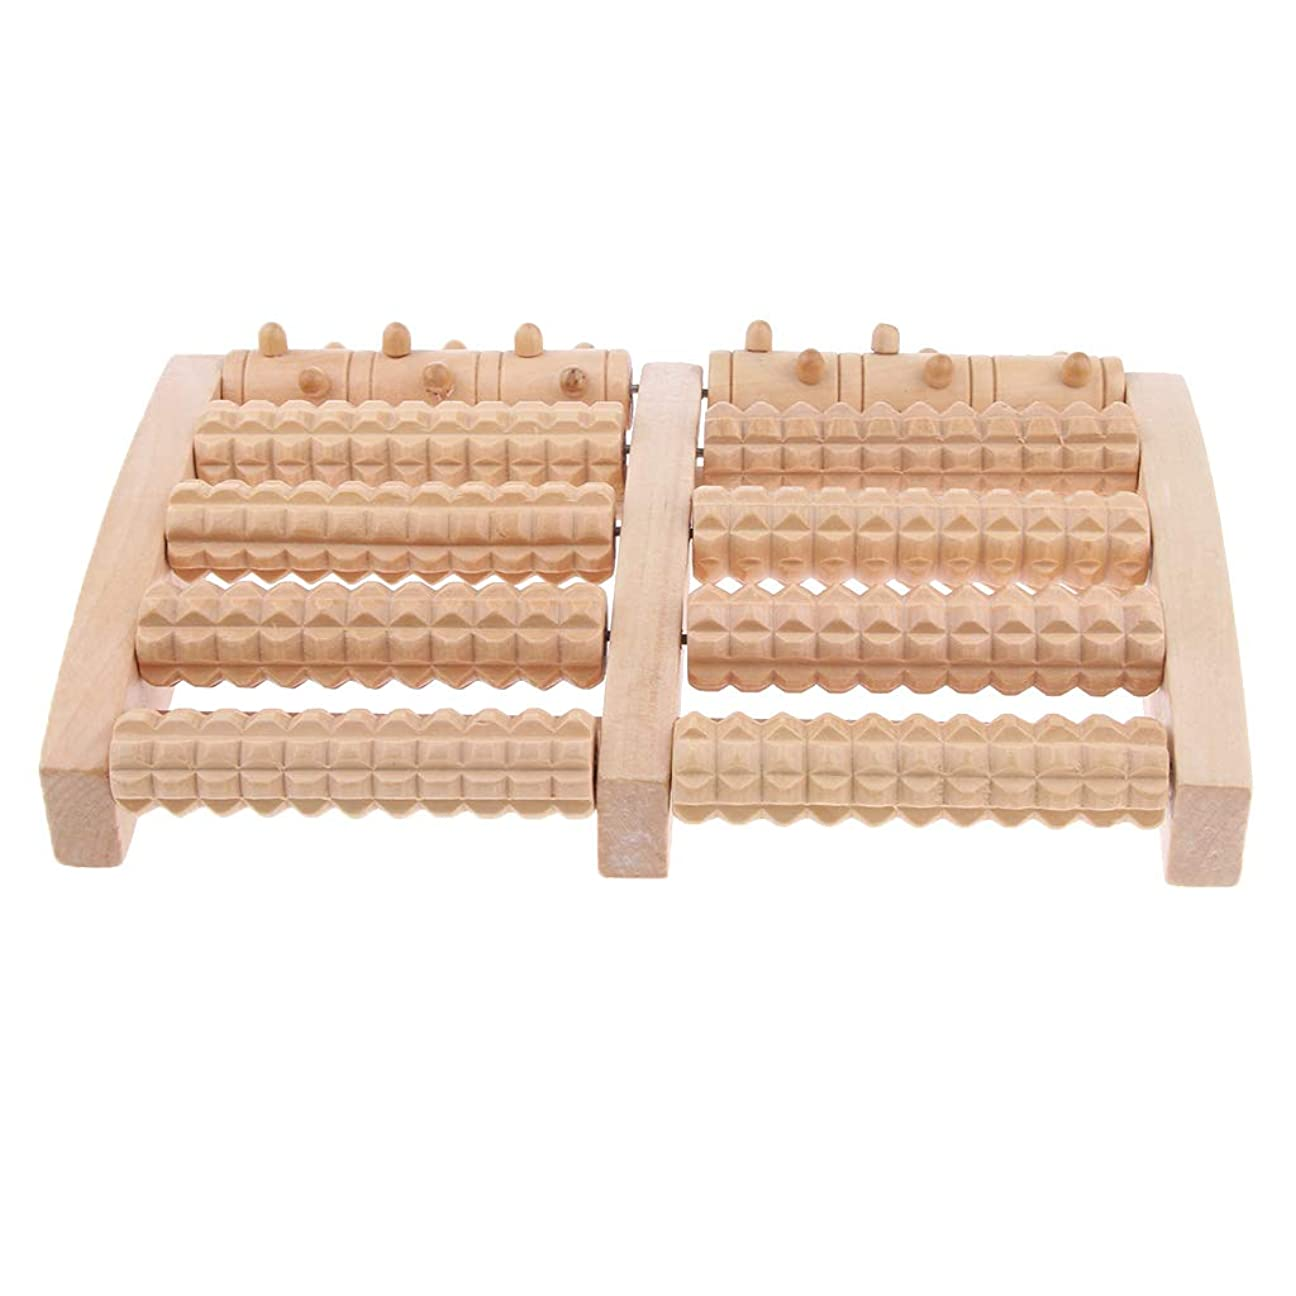 昇進リズムハイライトD DOLITY マッサージローラー 工芸 自然木製 足踏み フットローラー ツボ押し リラックス 健康器具 2種選ぶ - 約27x16.4x3.8cm, 27cm